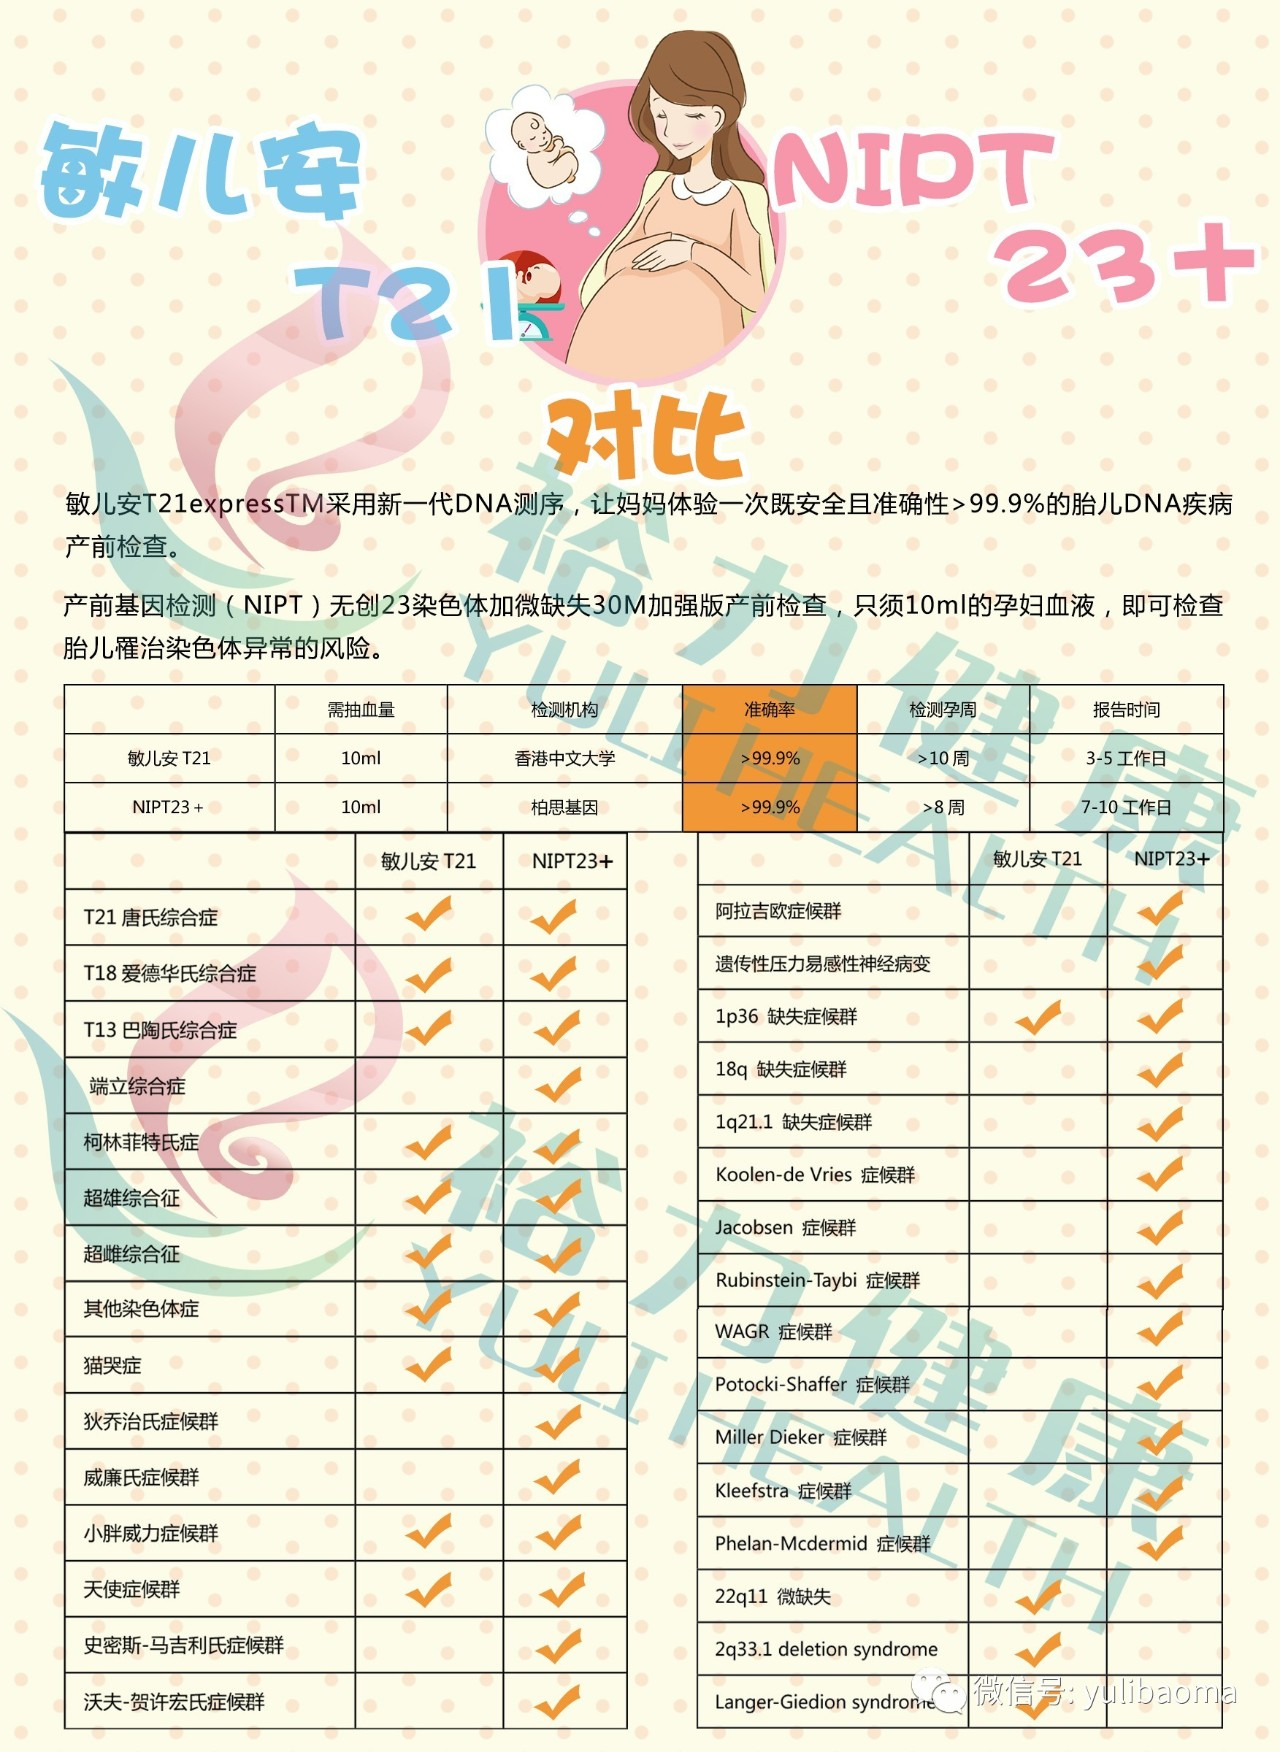 香港无创dna产前基因检测